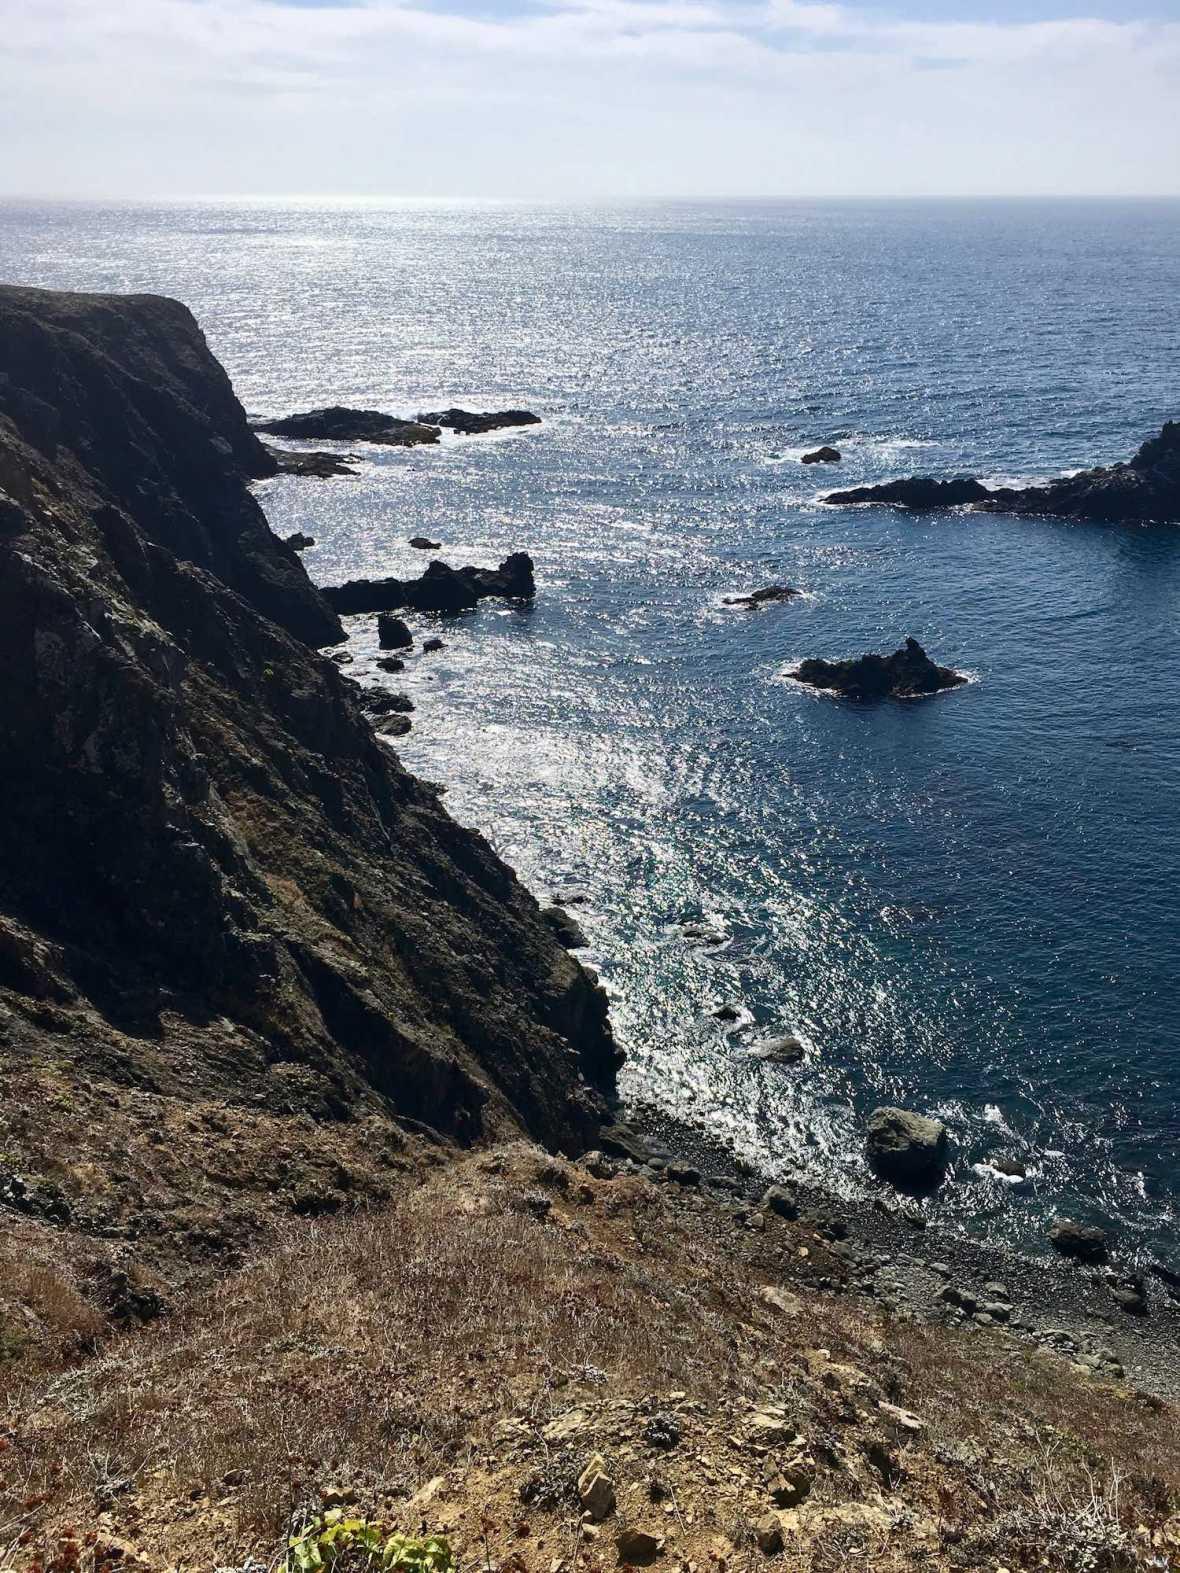 Pacific Ocean, Mendocino Headlands, California